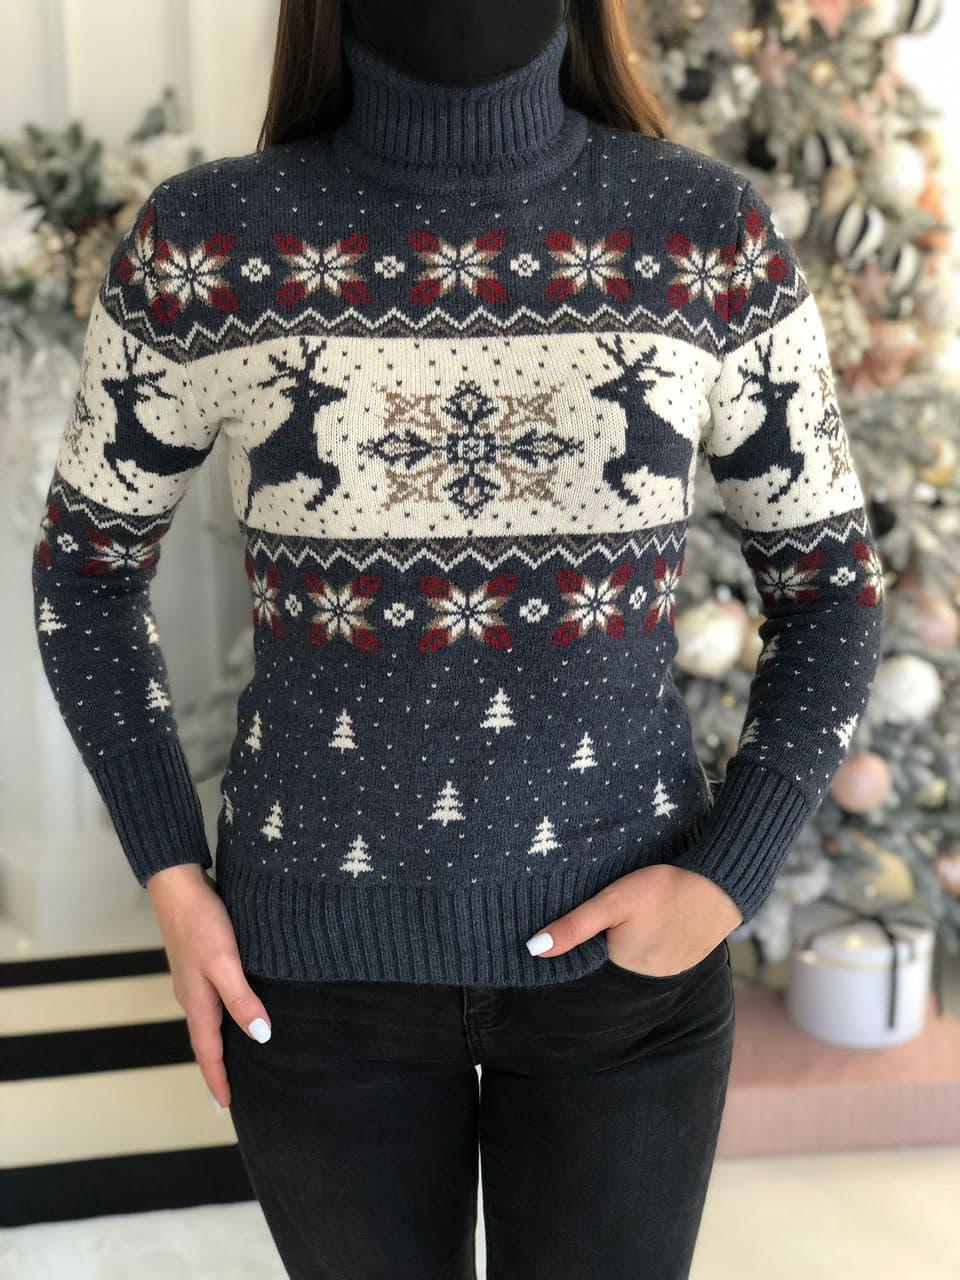 Жіночий светр новорічний з оленями та сніжинками